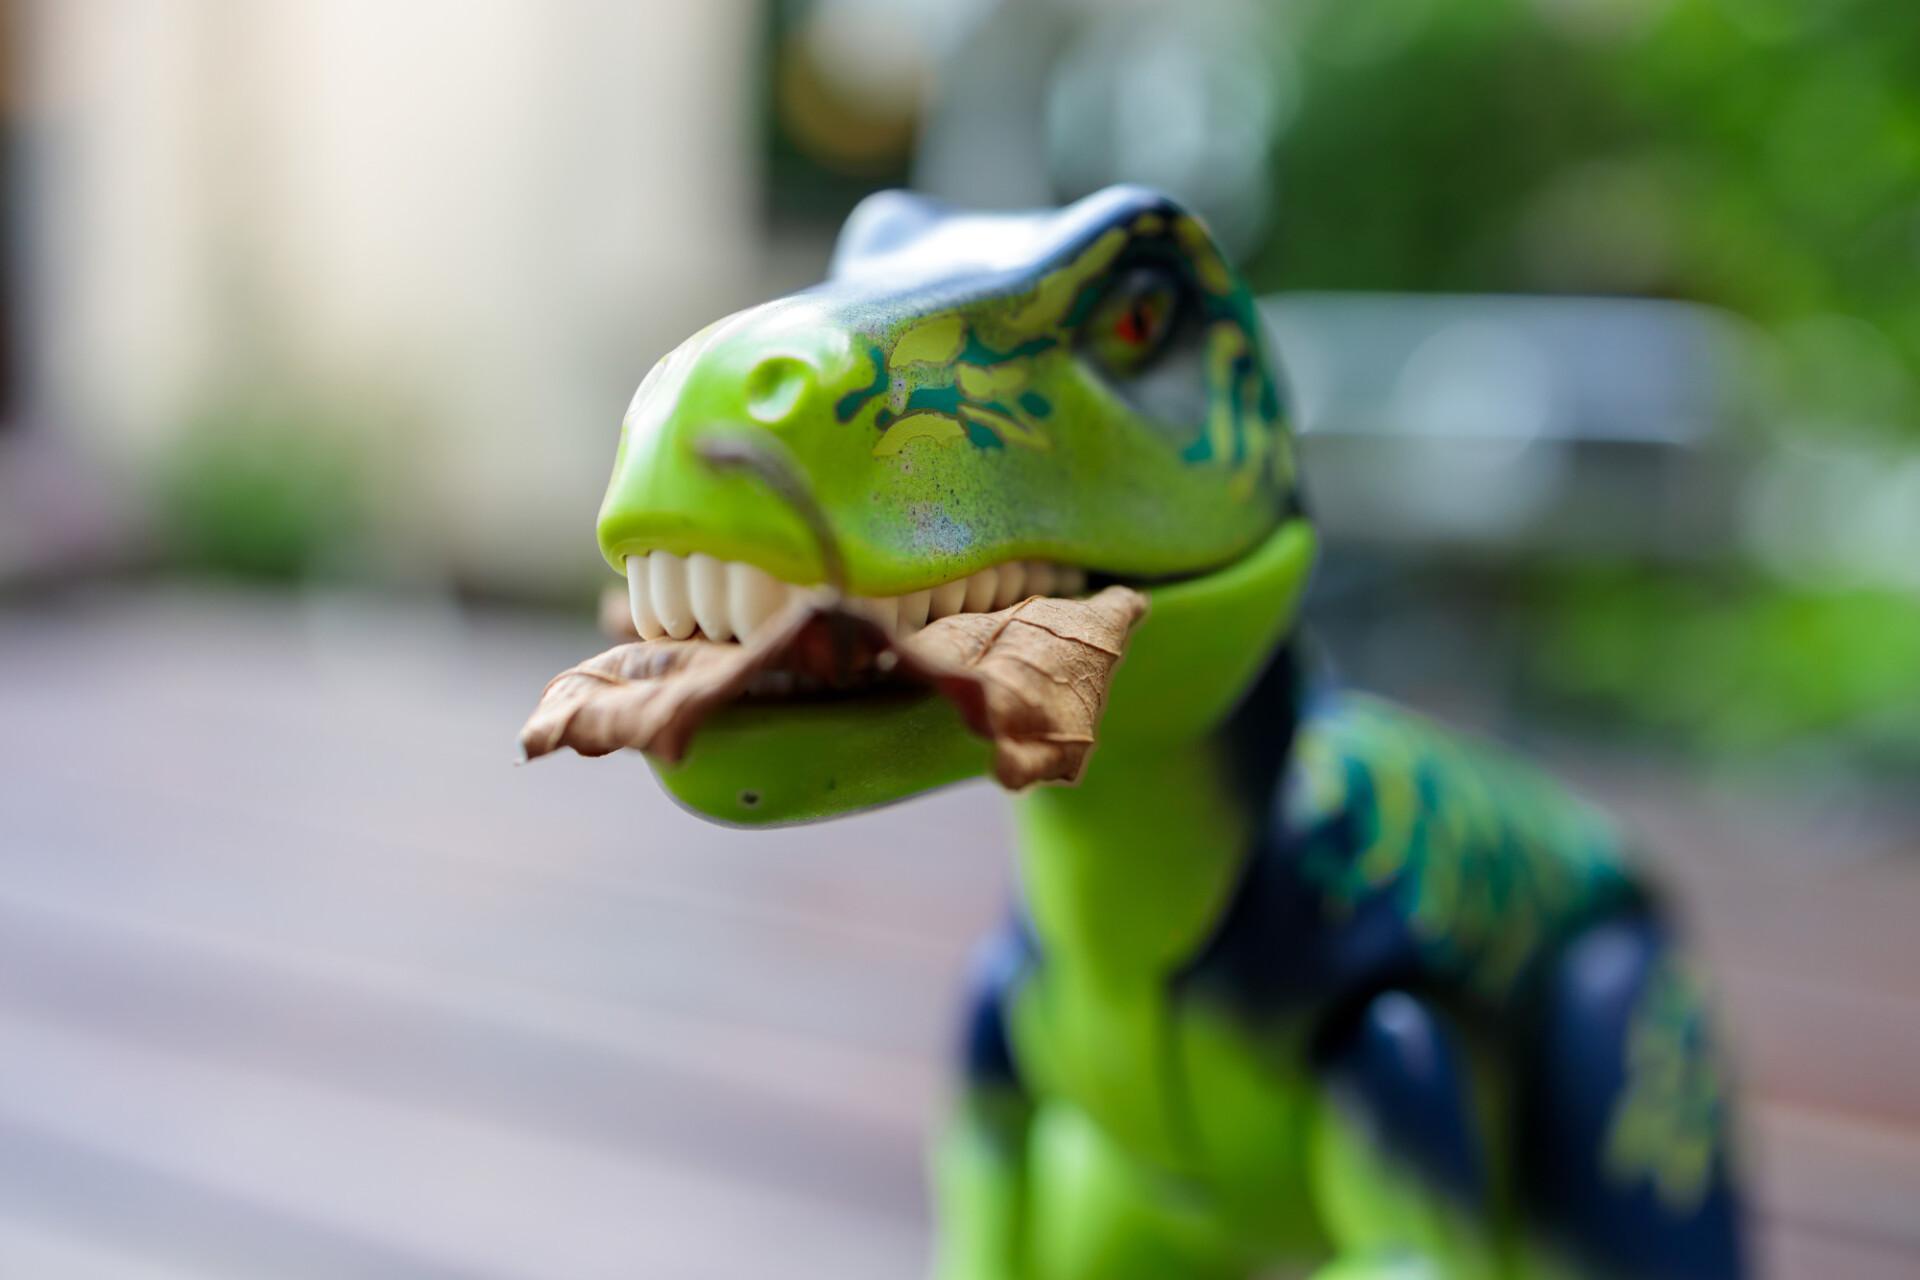 Toy T-Rex